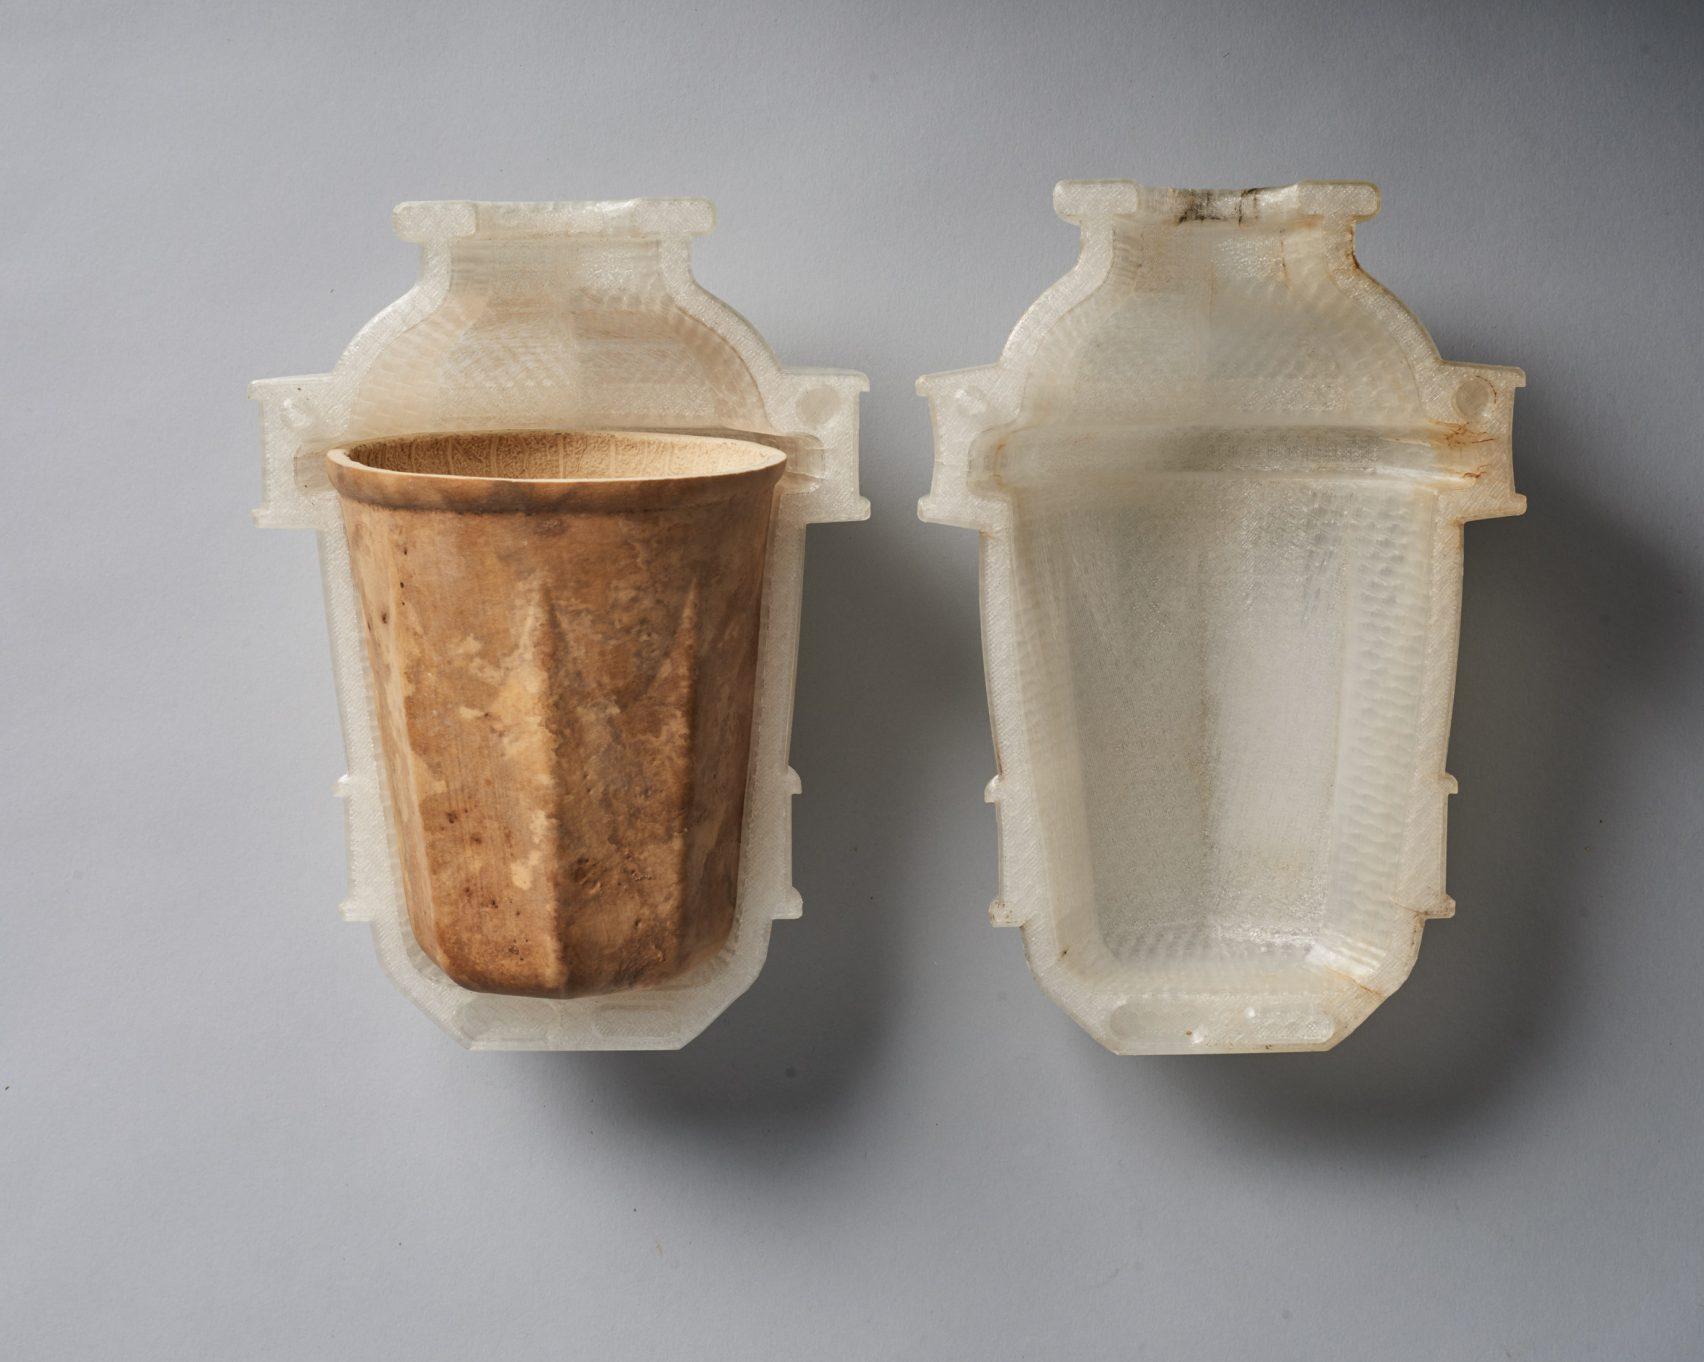 doğada tamamen çözülebilen organik kahve bardakları